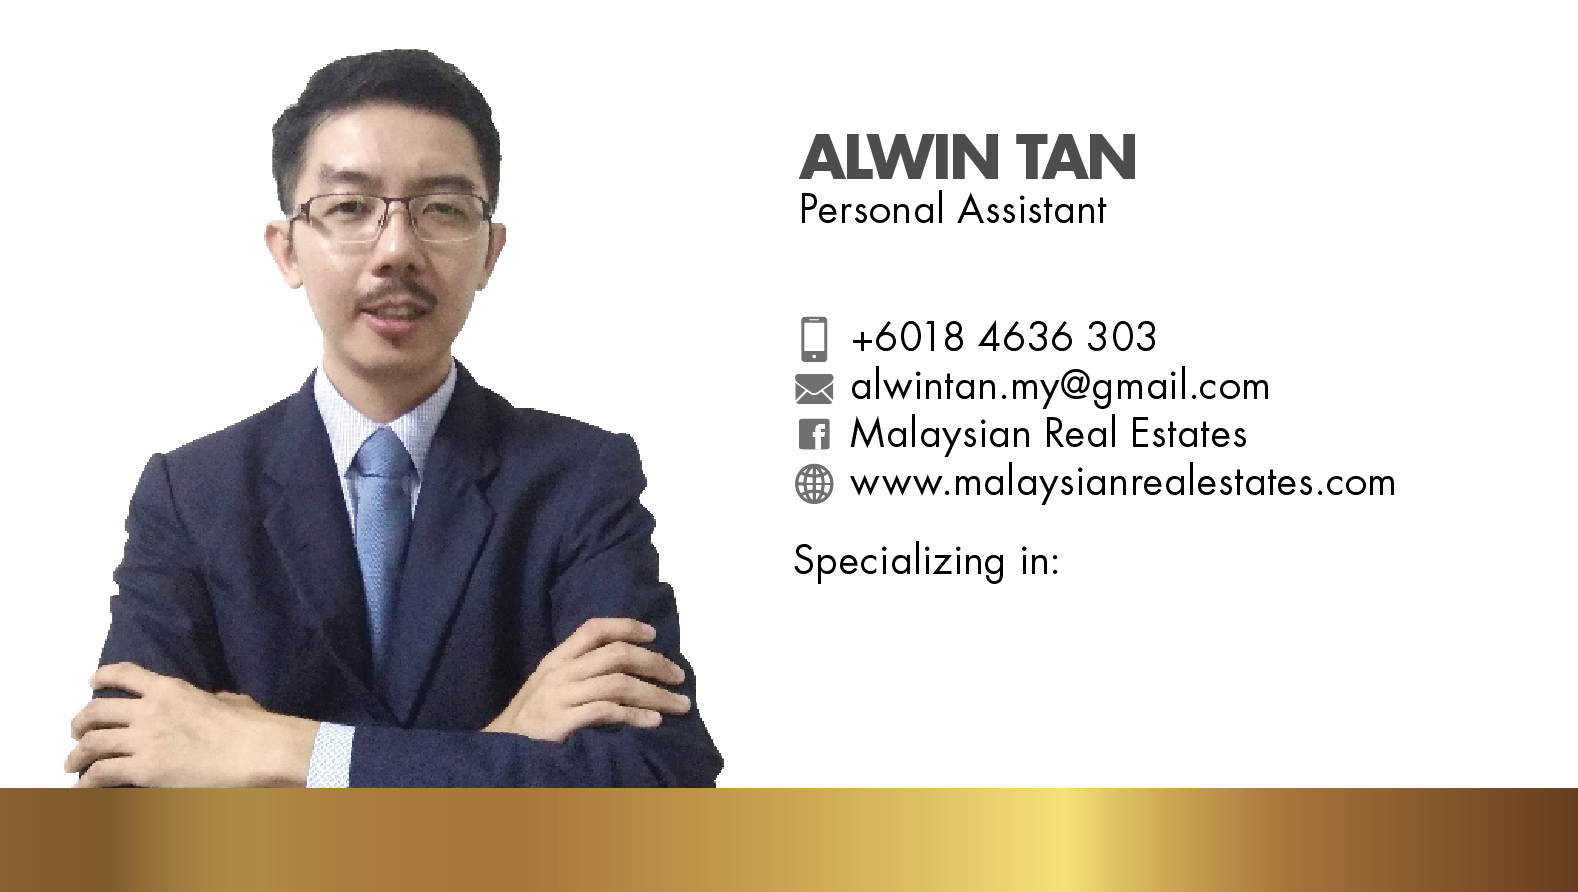 Alwin Tan